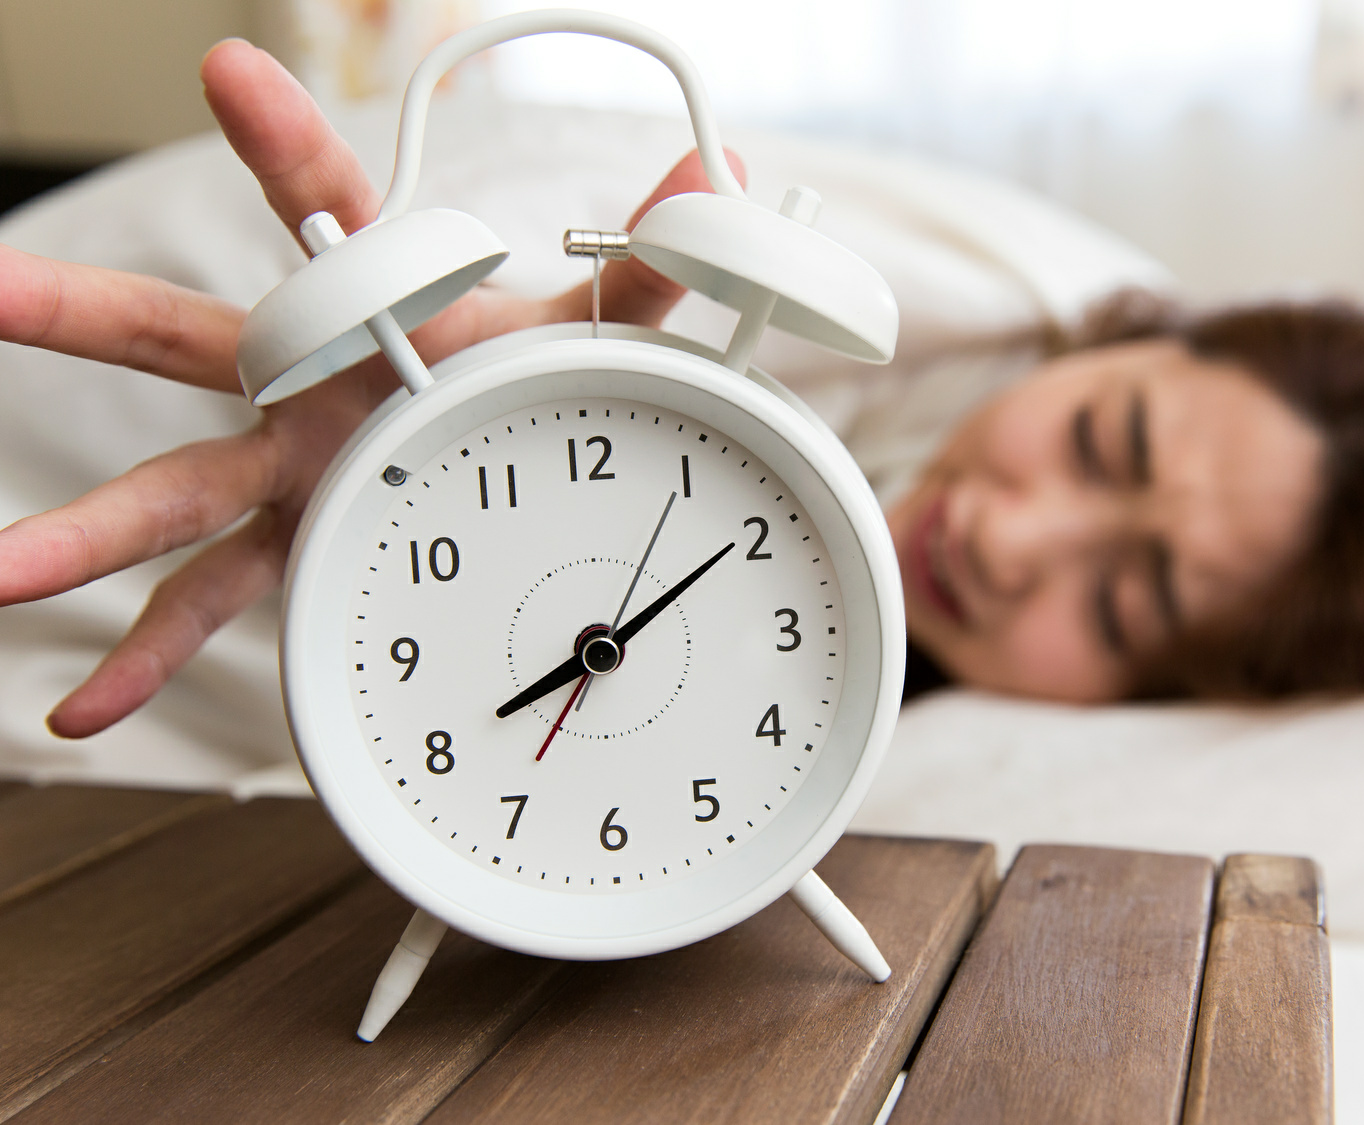 「睡眠負債」は週末の寝だめでは解消できない 睡眠を改善するための6ヵ条